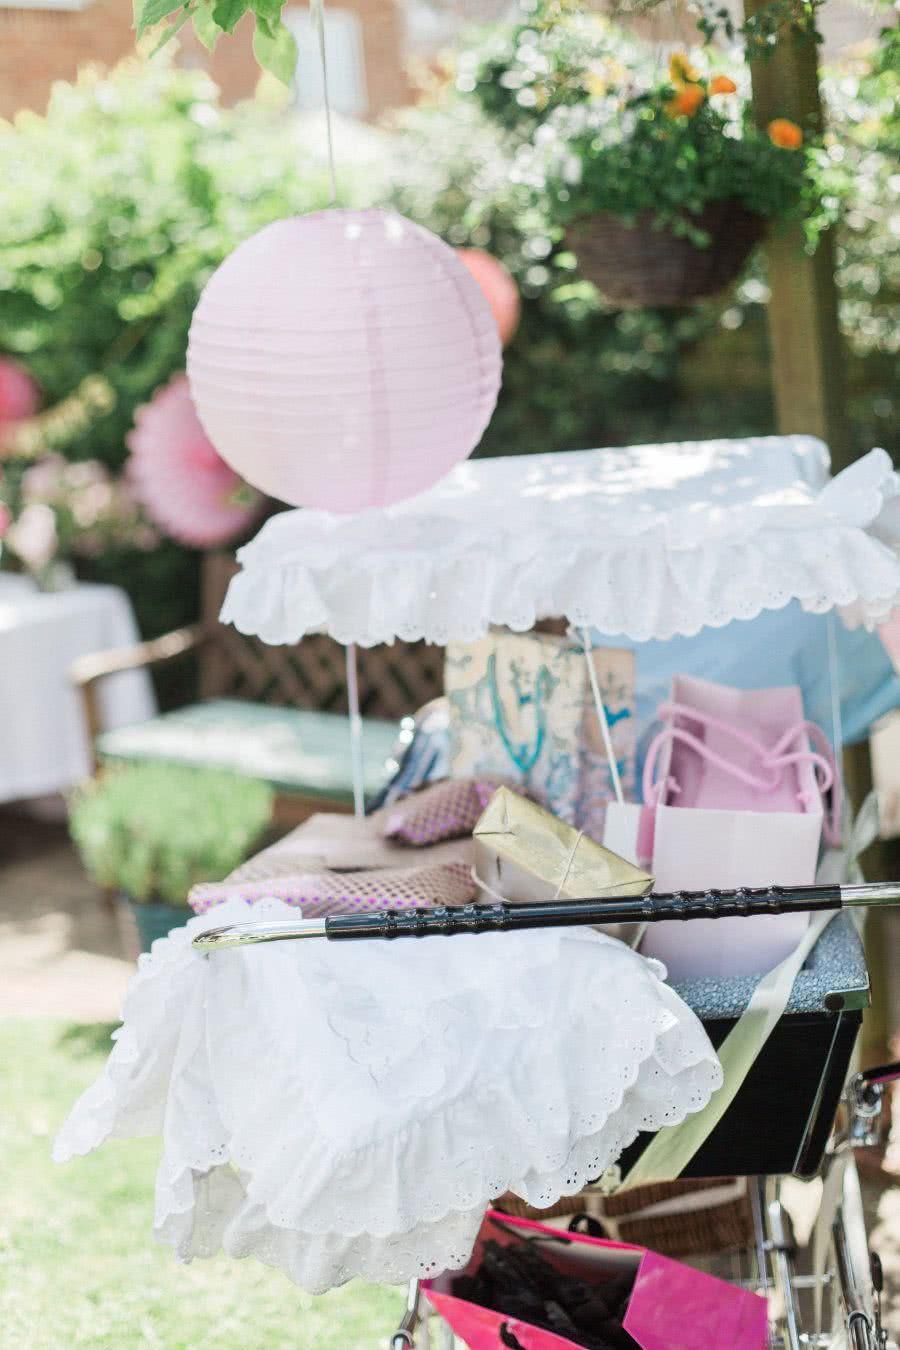 Essa é a hora de improvisar: o carrinho do bebê se transforma em porta-presentes